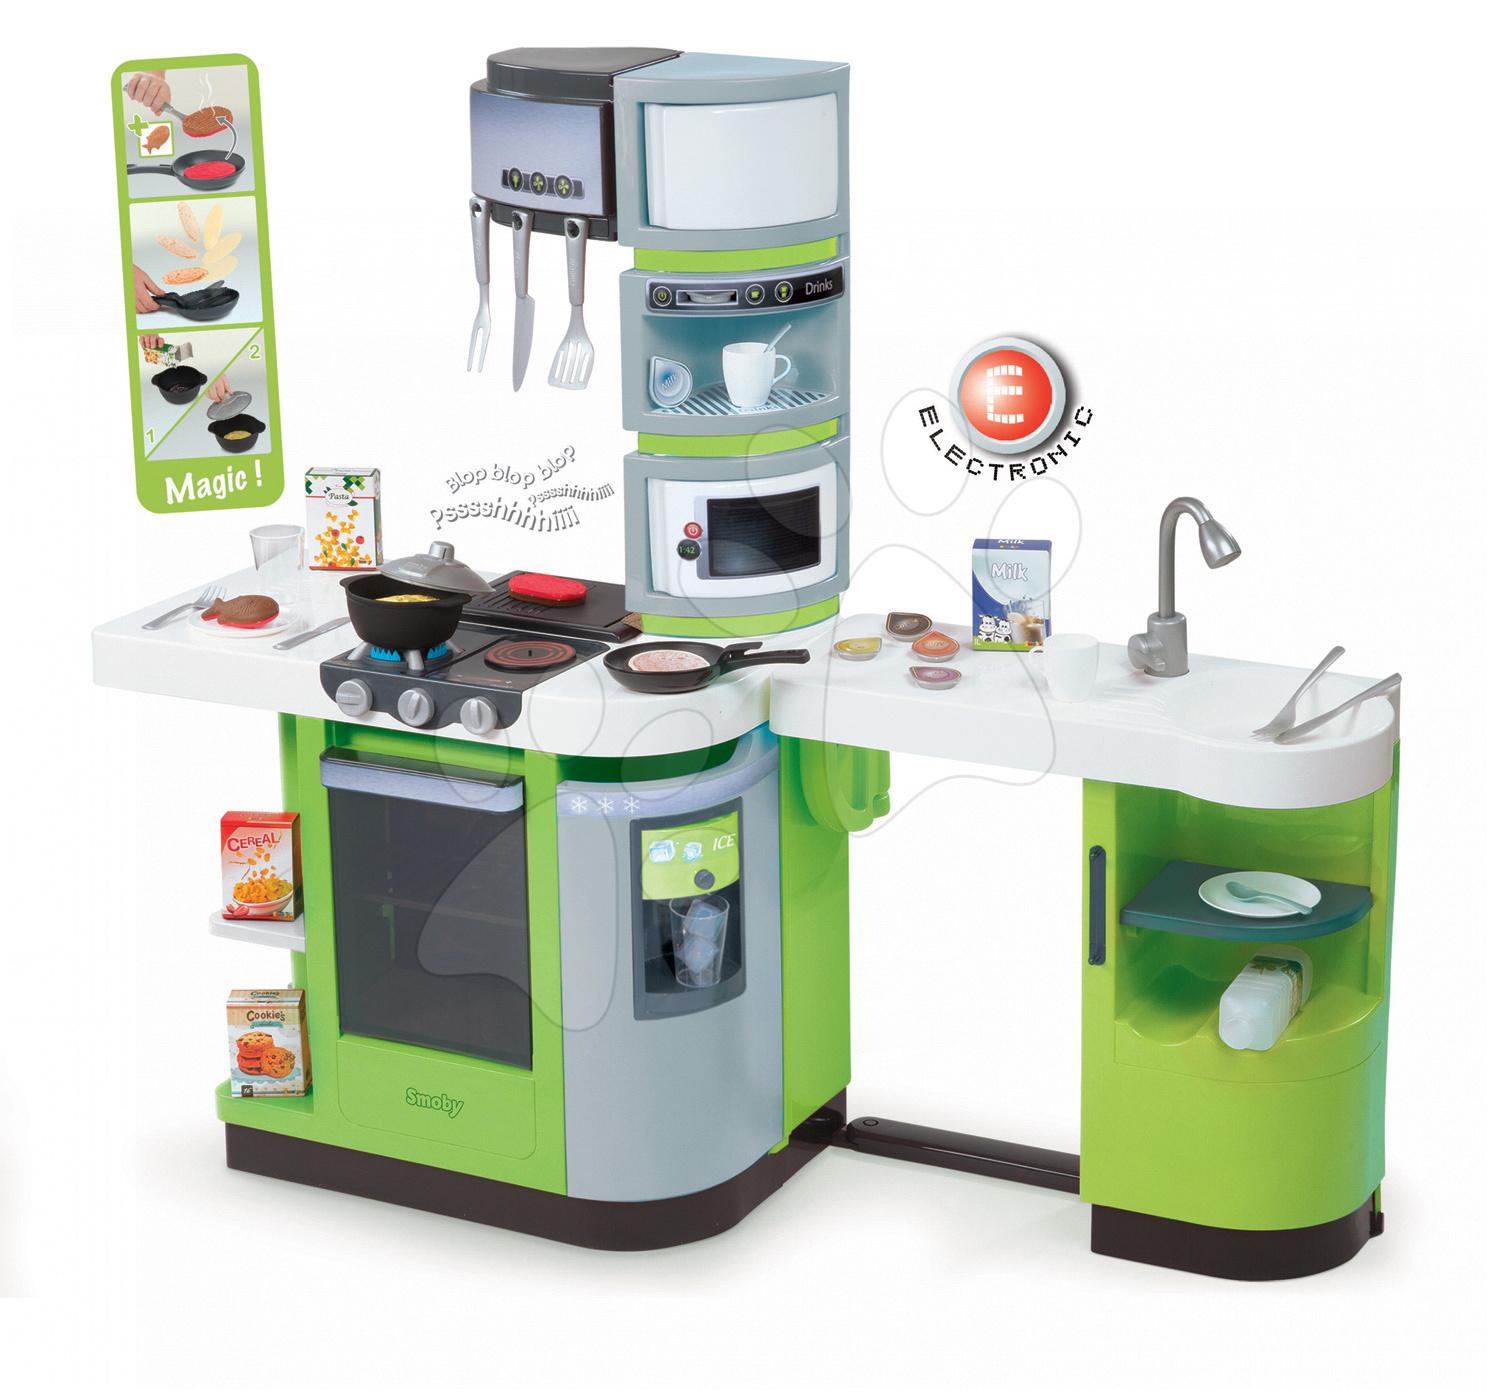 Kuchynka CookMaster Verte Smoby elektronická so zvukmi, s ľadom, opečenými potravinami a 36 doplnkami zelená